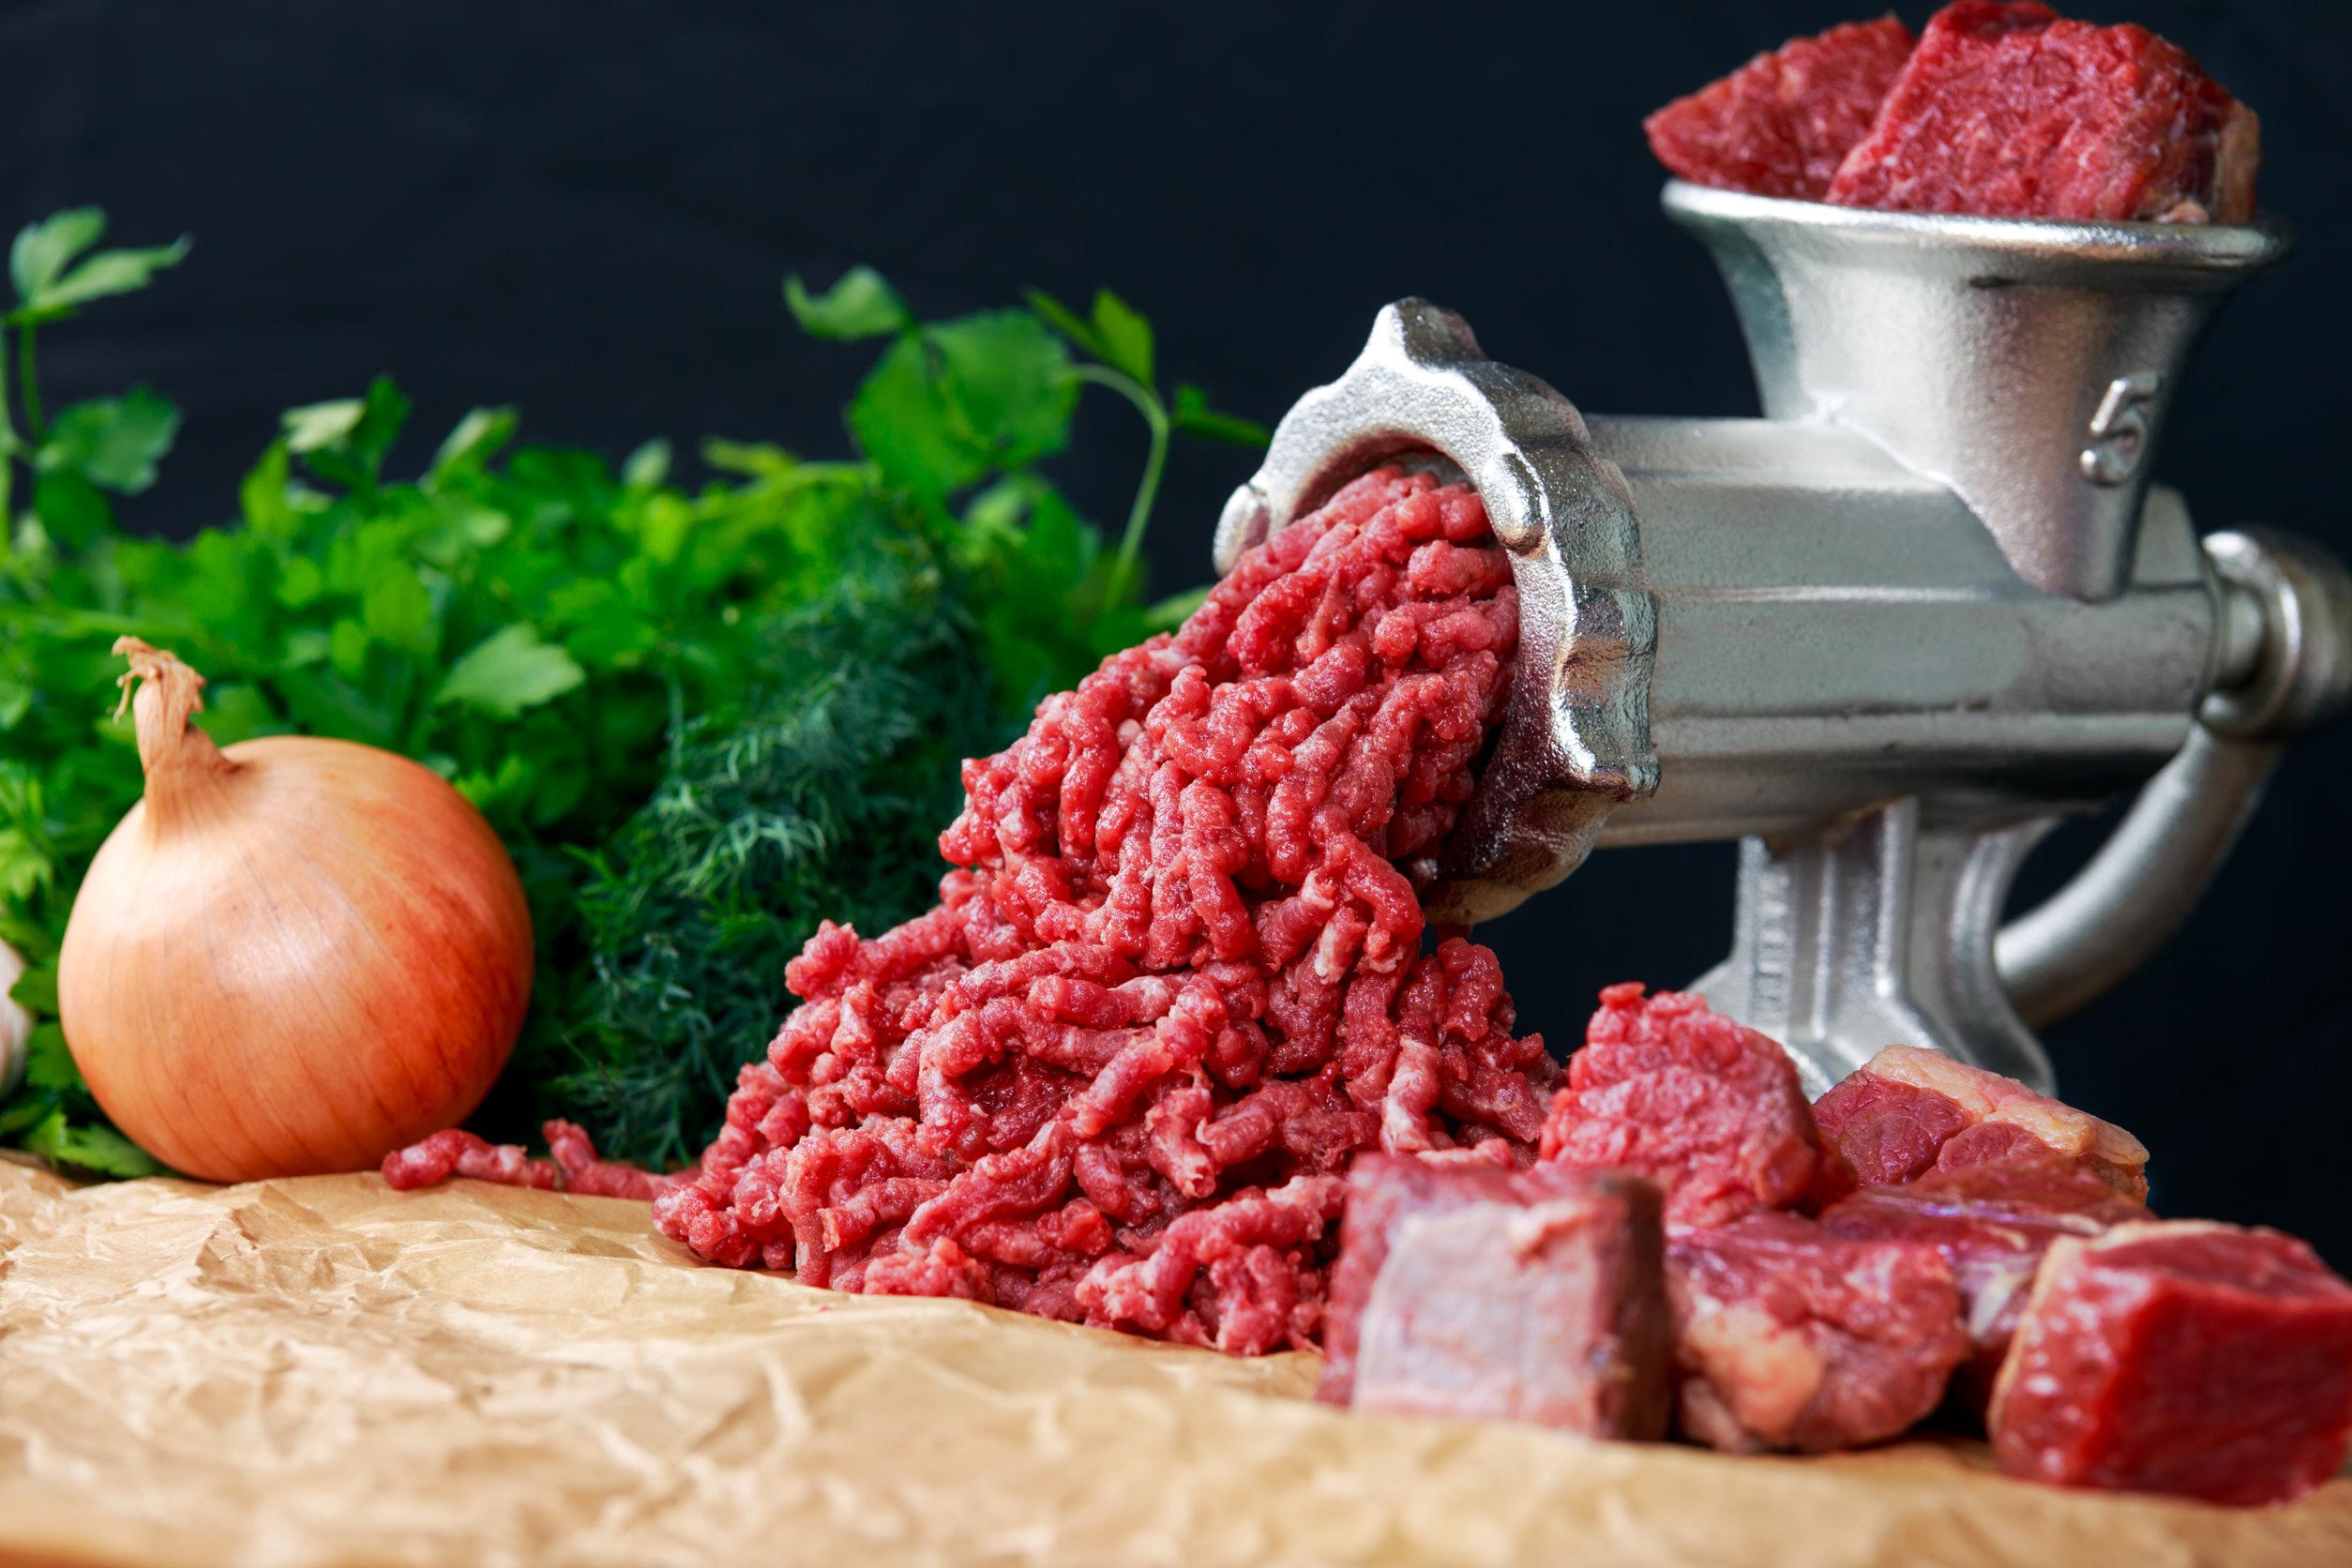 moledora de carne